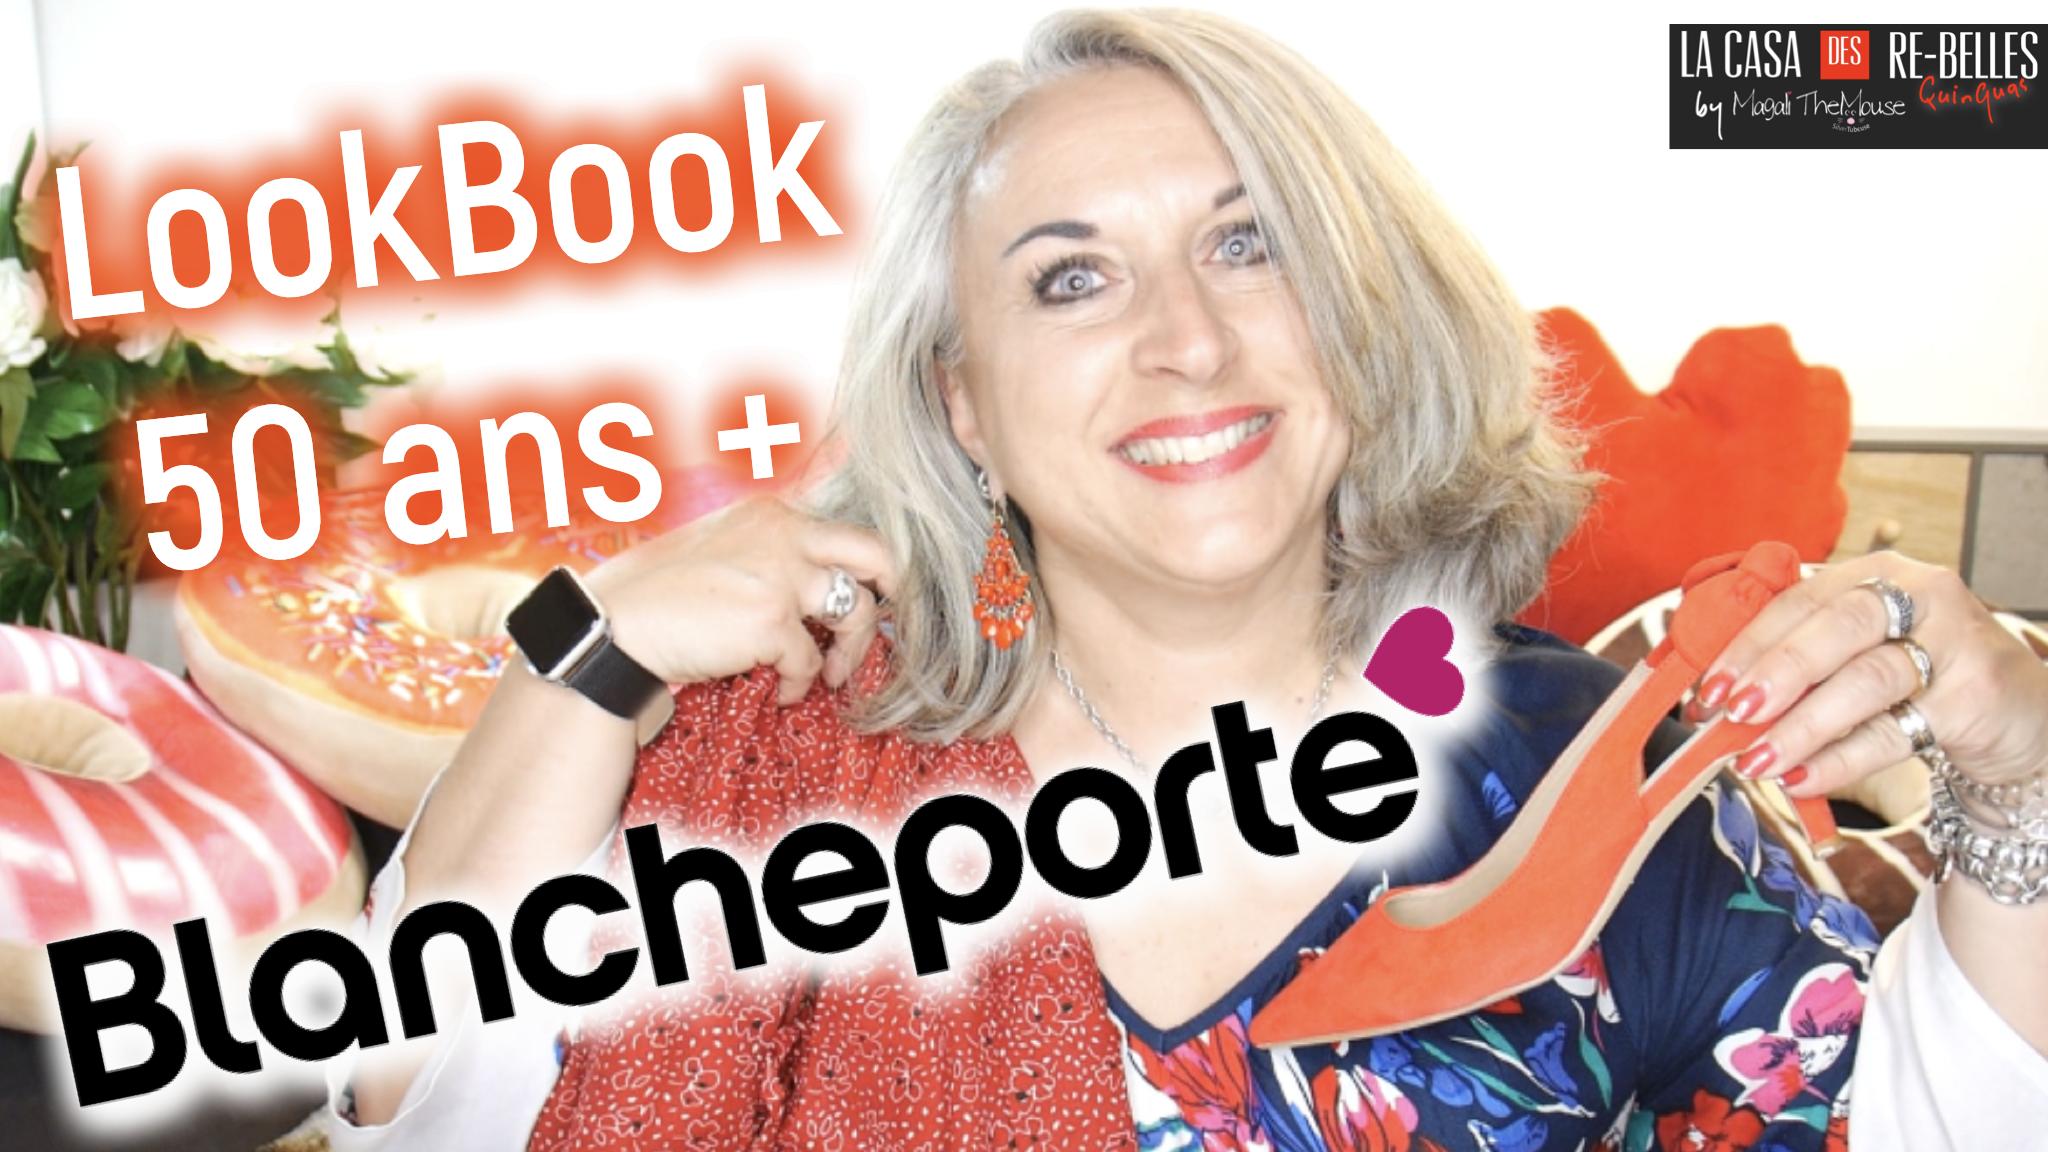 Lookbook printemps été 2019 avec Blanche Porte